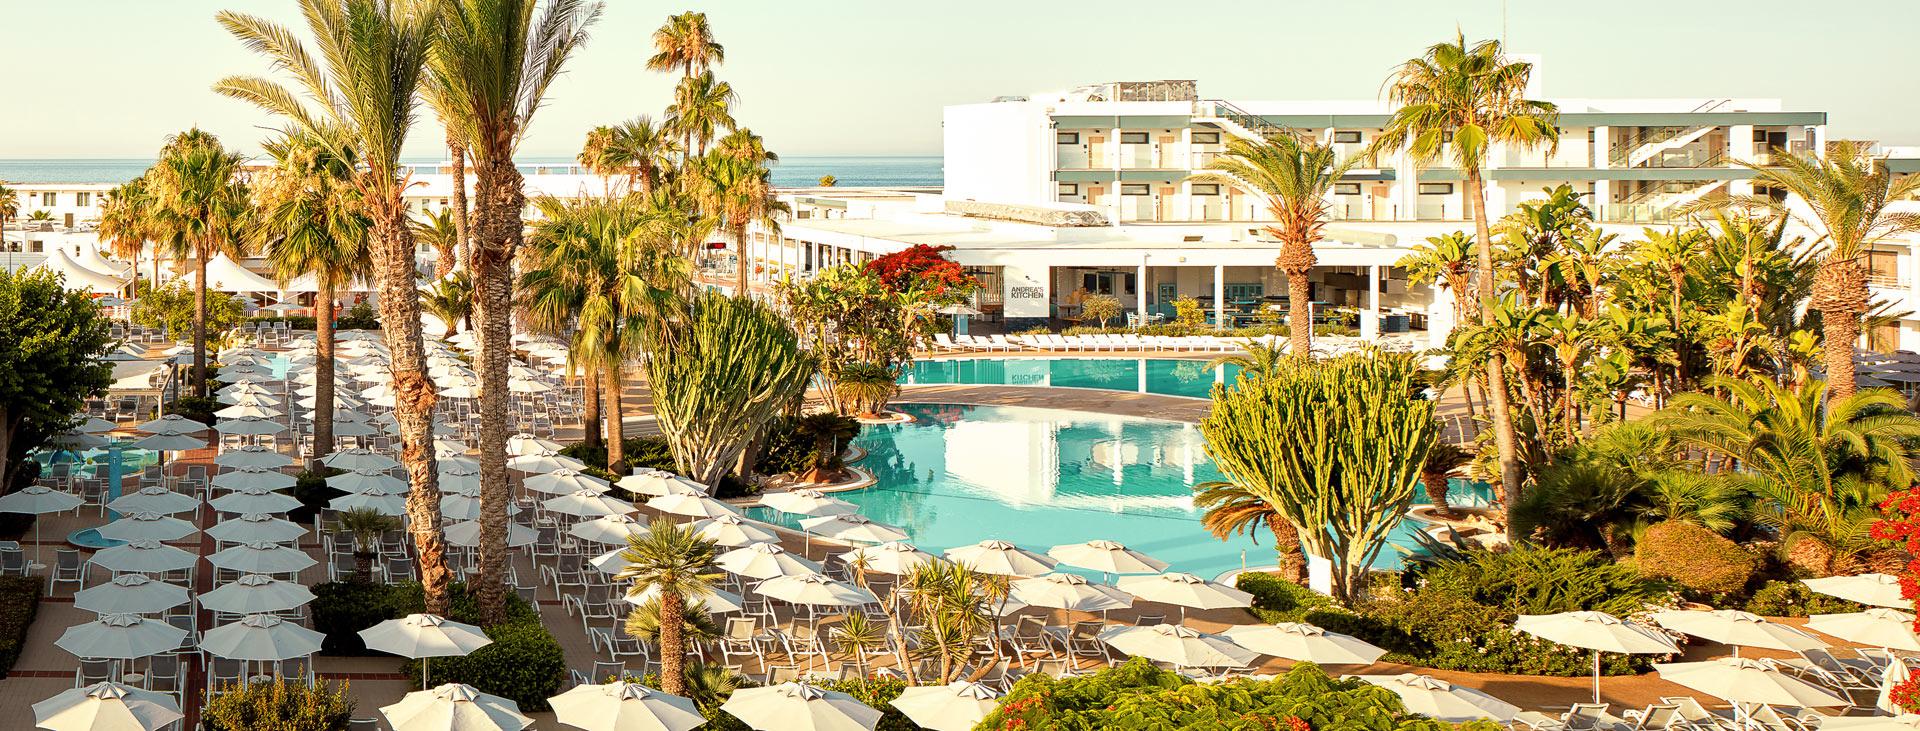 Karta Cypern Flygplats.Sunwing Sandy Bay Beach I Ayia Napa Familjesemester Med Ving